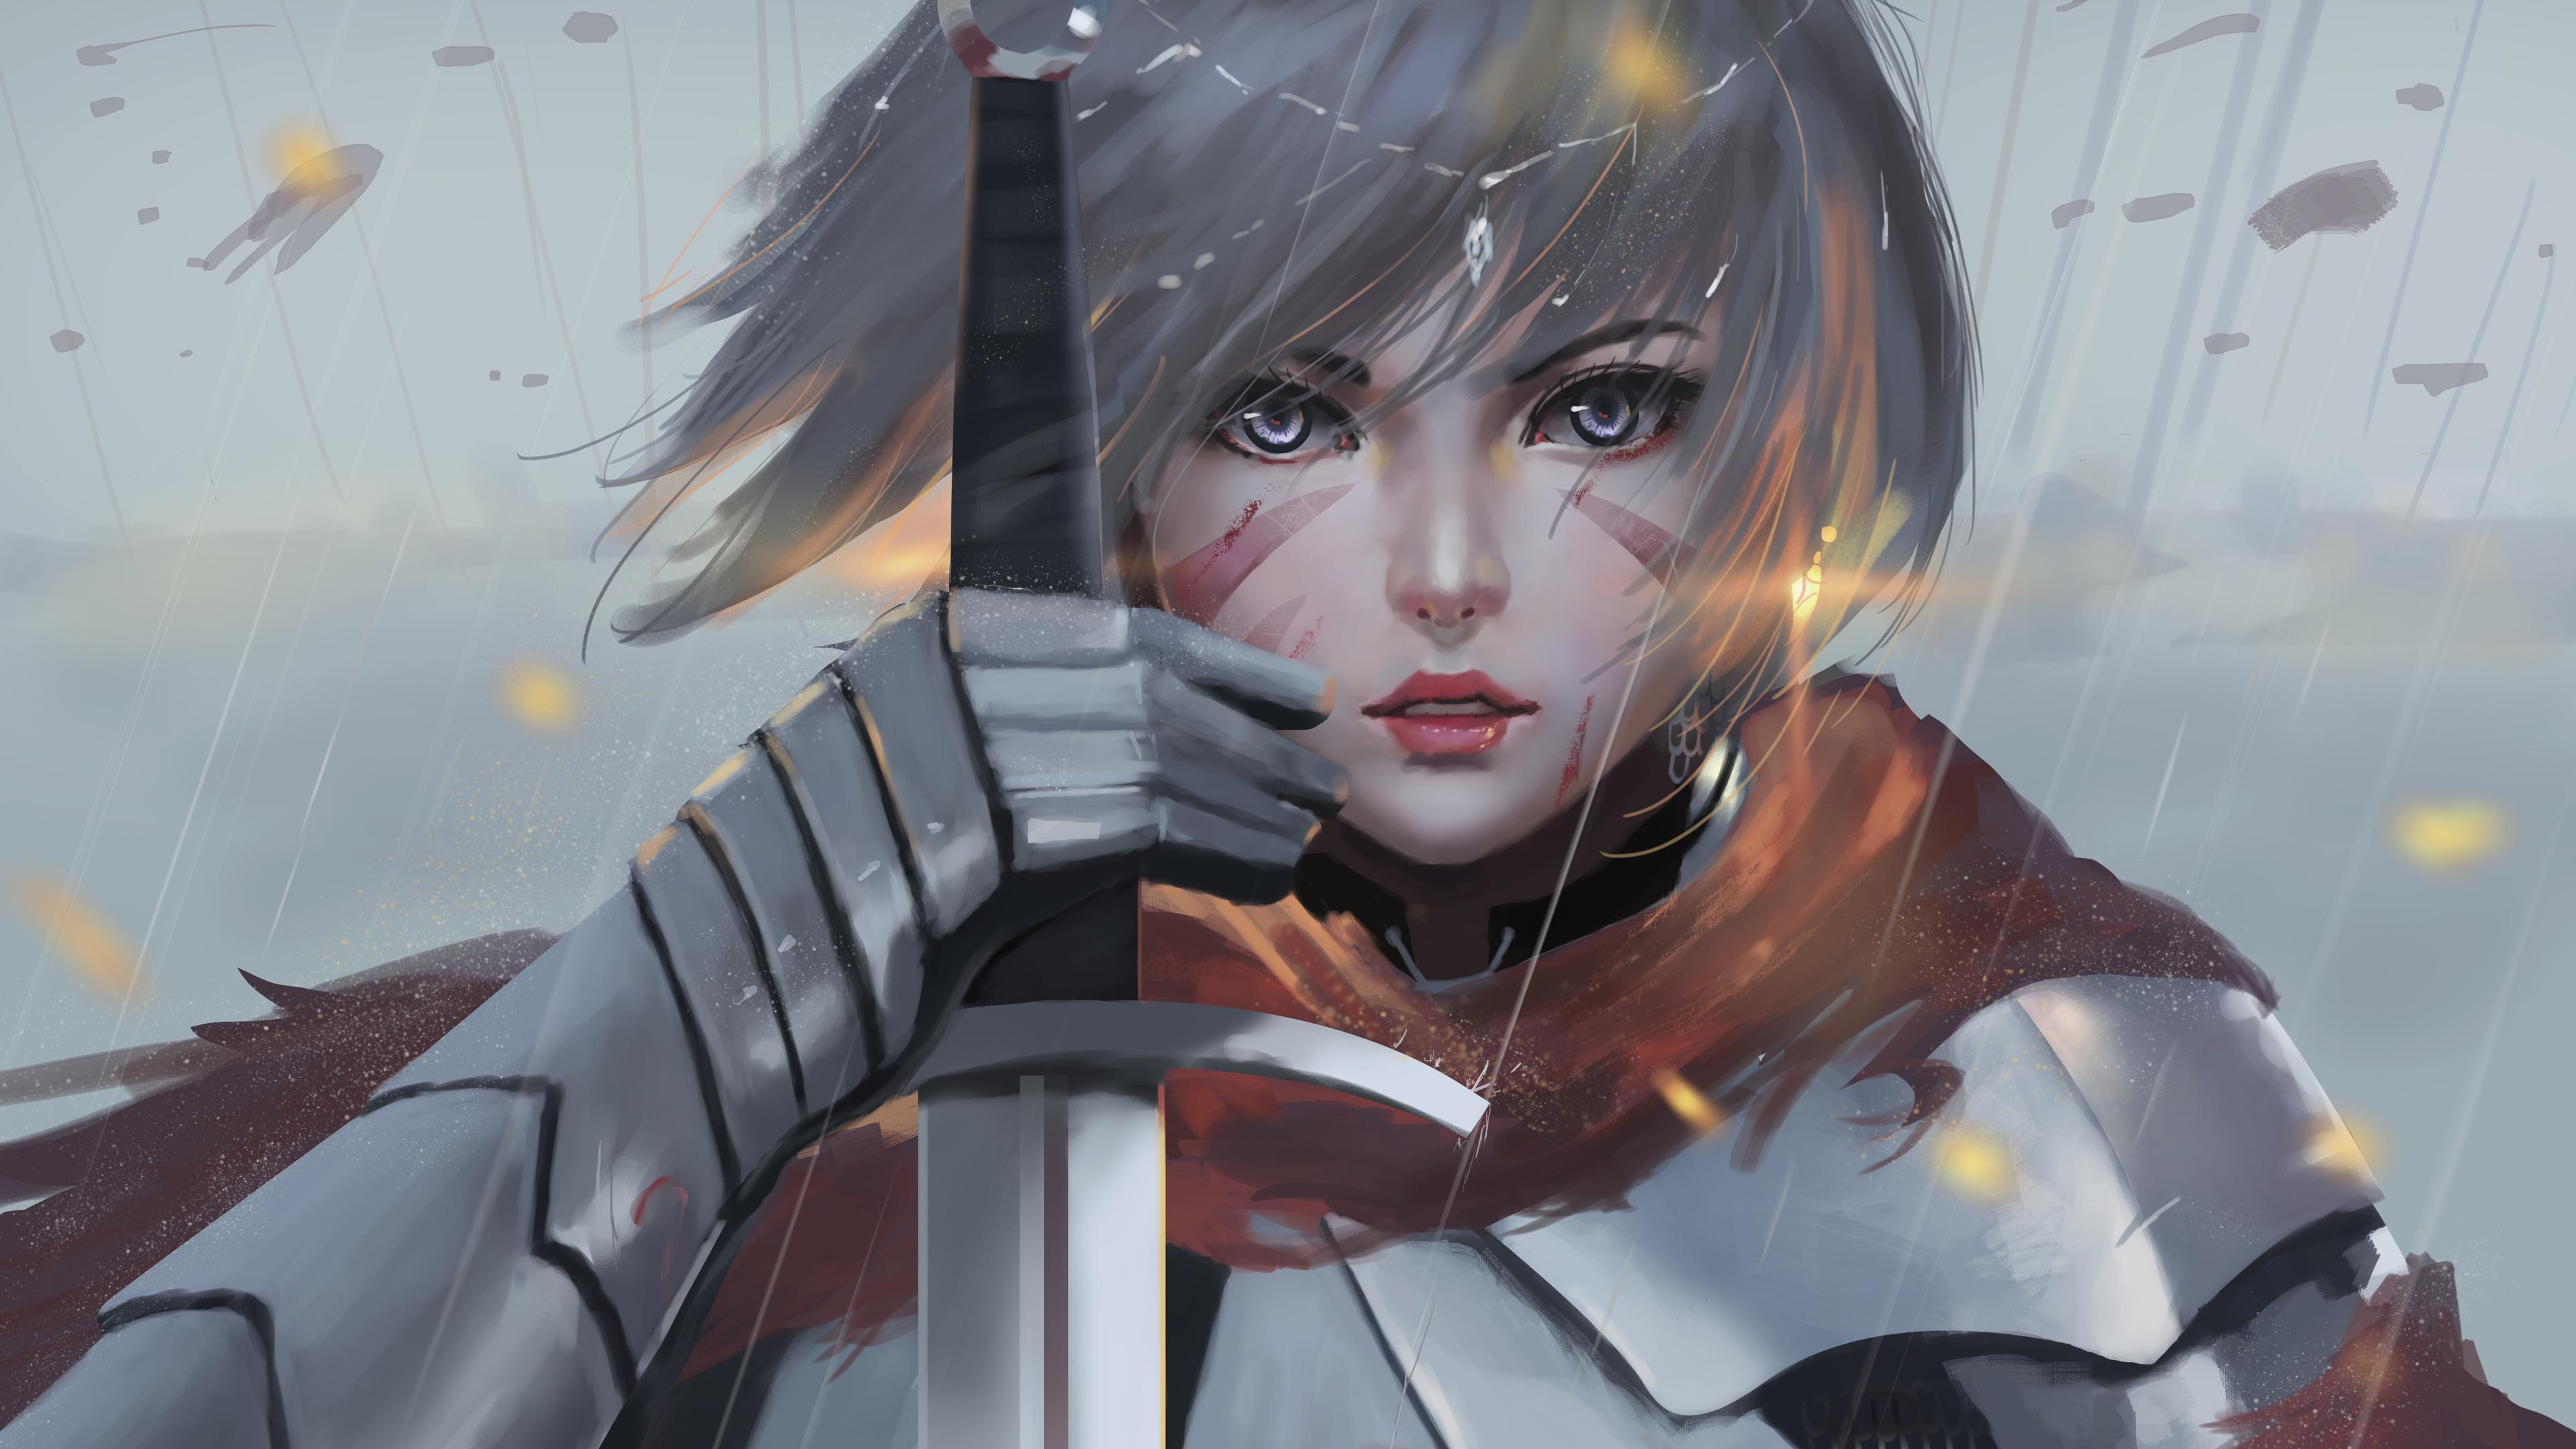 solider women sword 1540750977 - Solider Women Sword - women wallpapers, sword wallpapers, hd-wallpapers, digital art wallpapers, artwork wallpapers, artist wallpapers, 4k-wallpapers